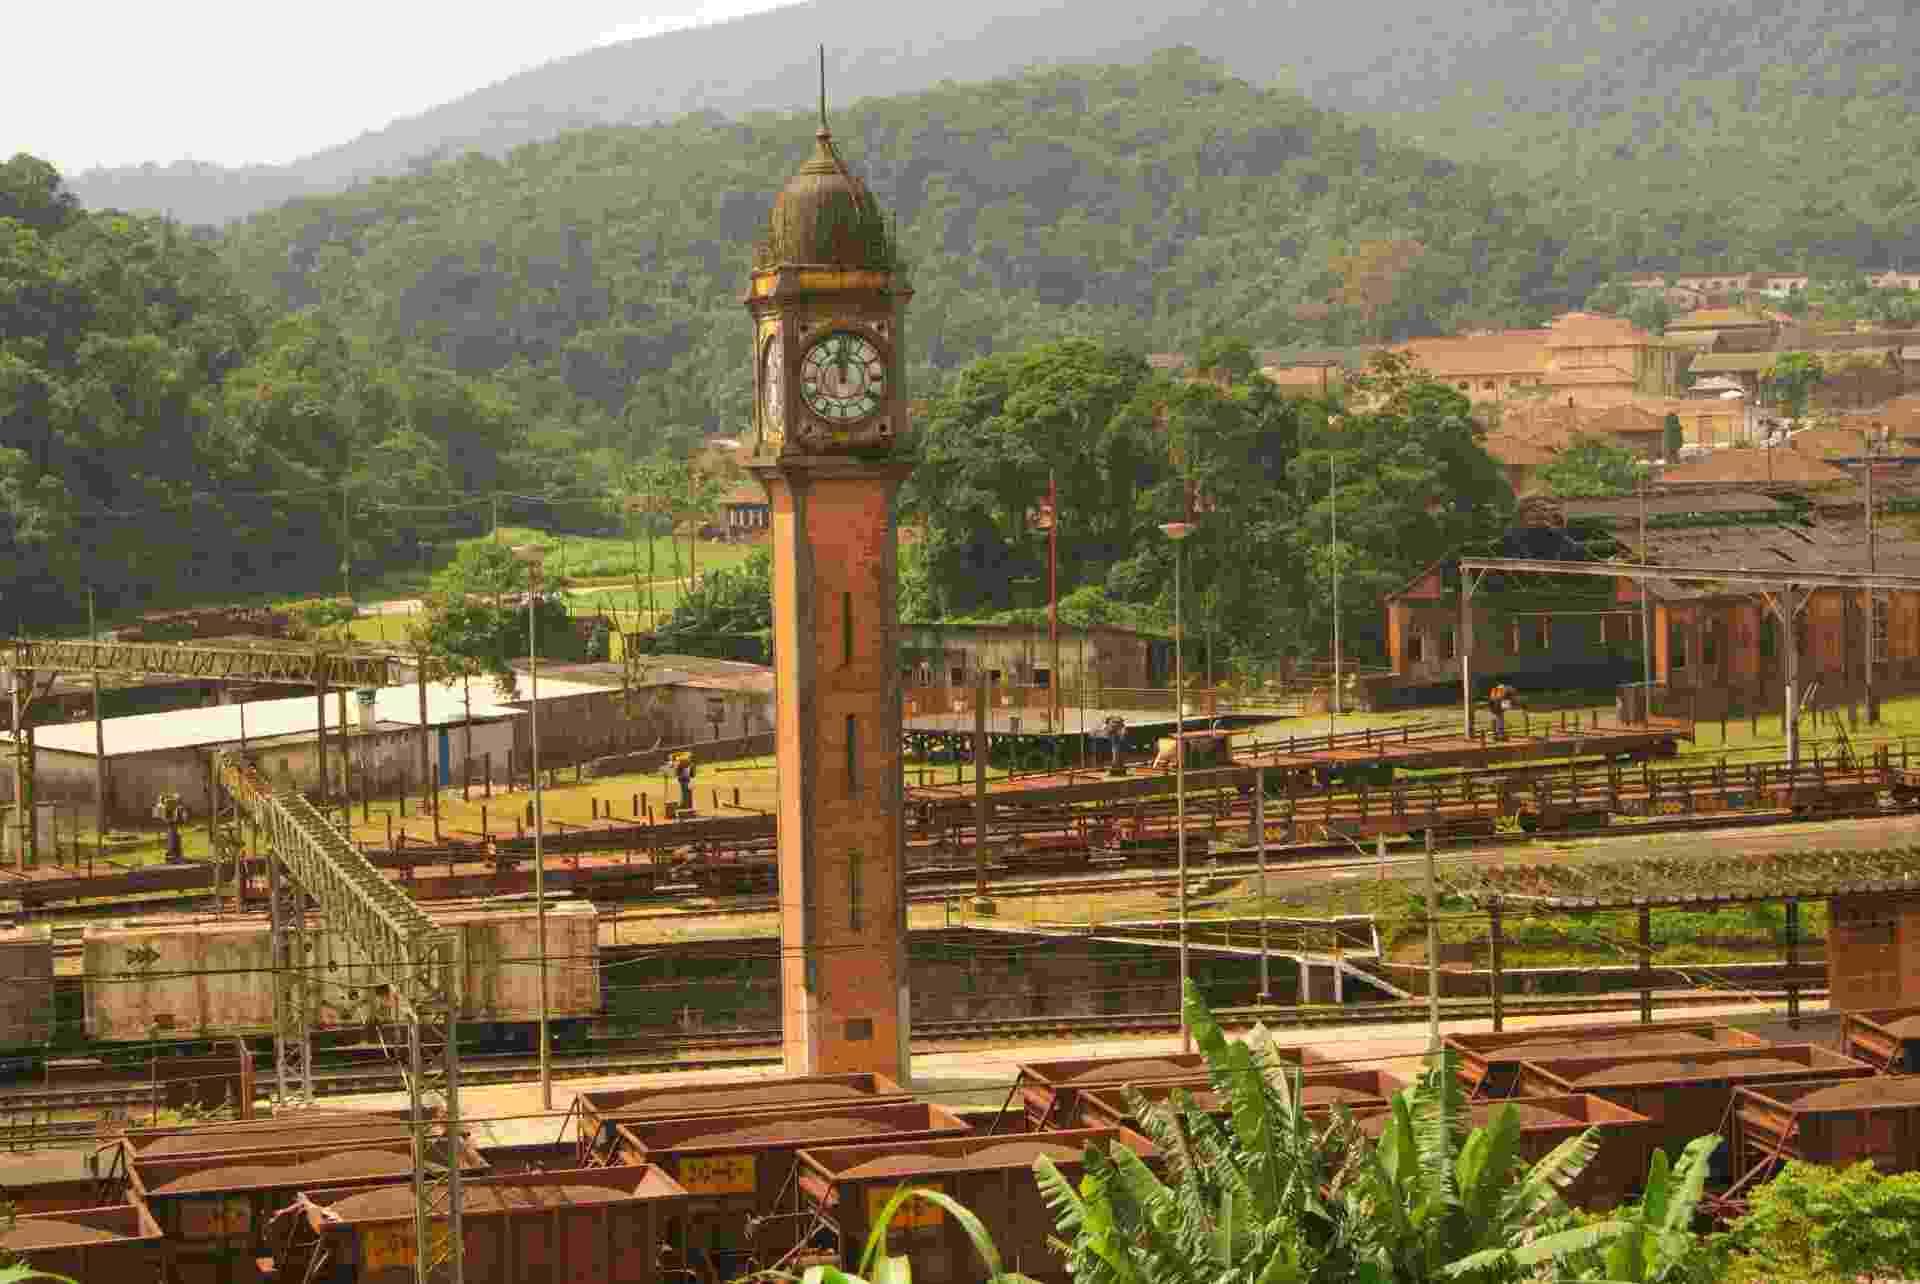 Inspirado no Big Ben londrino, o relógio da antiga estação ferroviária é o cartão-postal de Paranapiacaba - Danilo Valentini/UOL